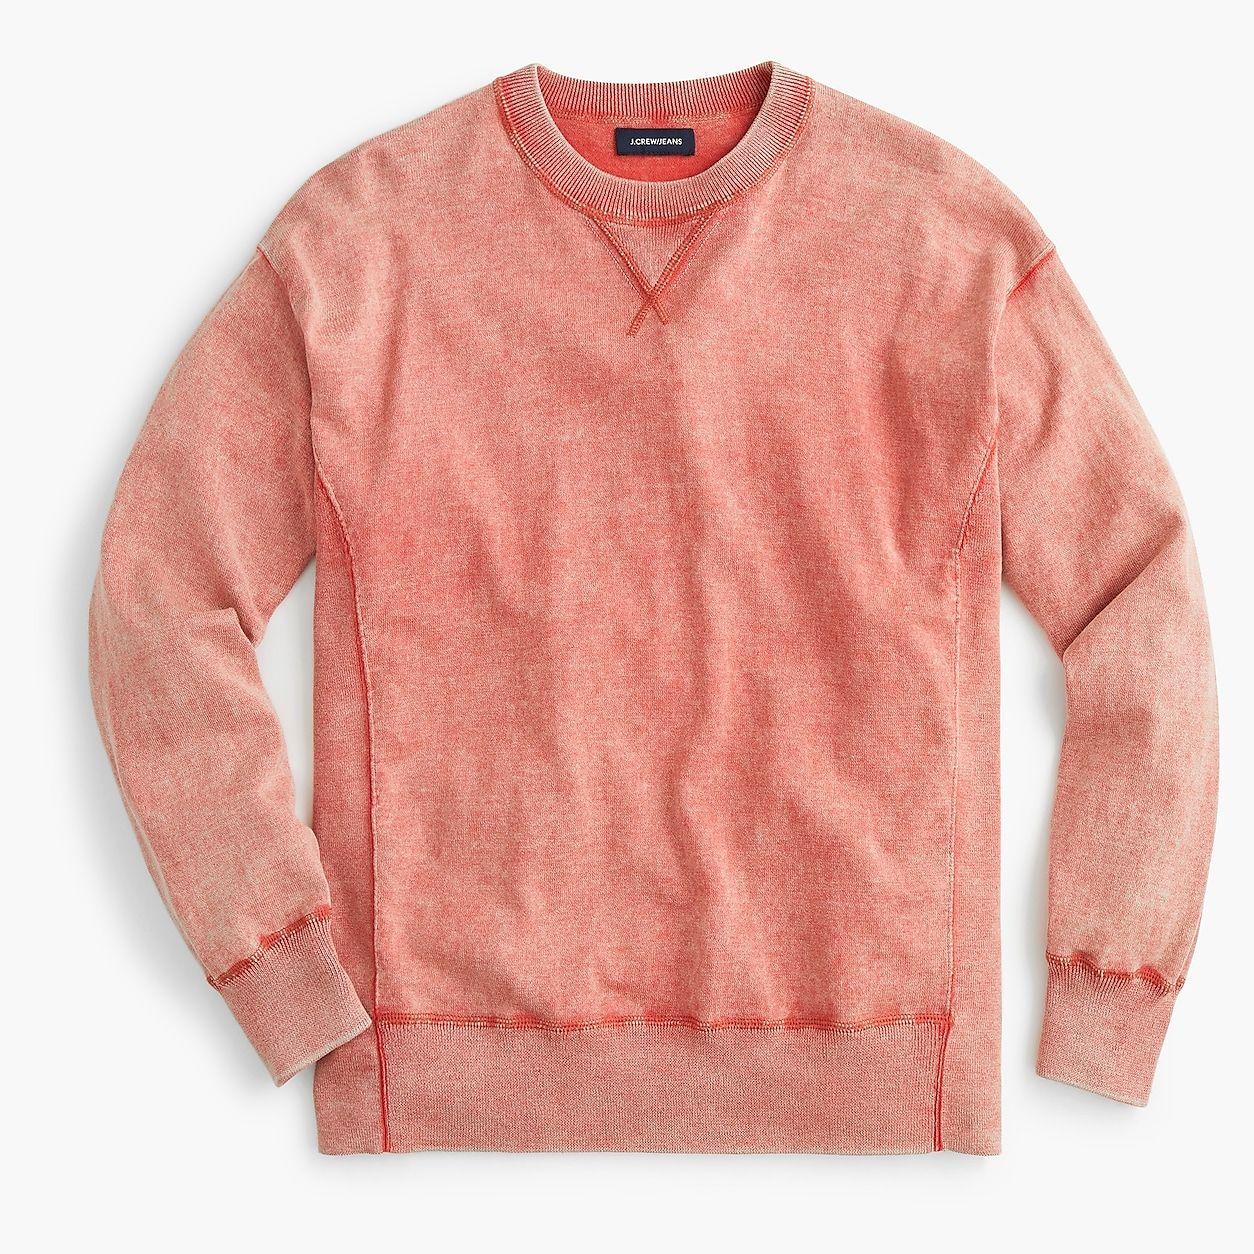 Side Panel Crewneck Sweatshirt | Sweatshirts, Crew neck